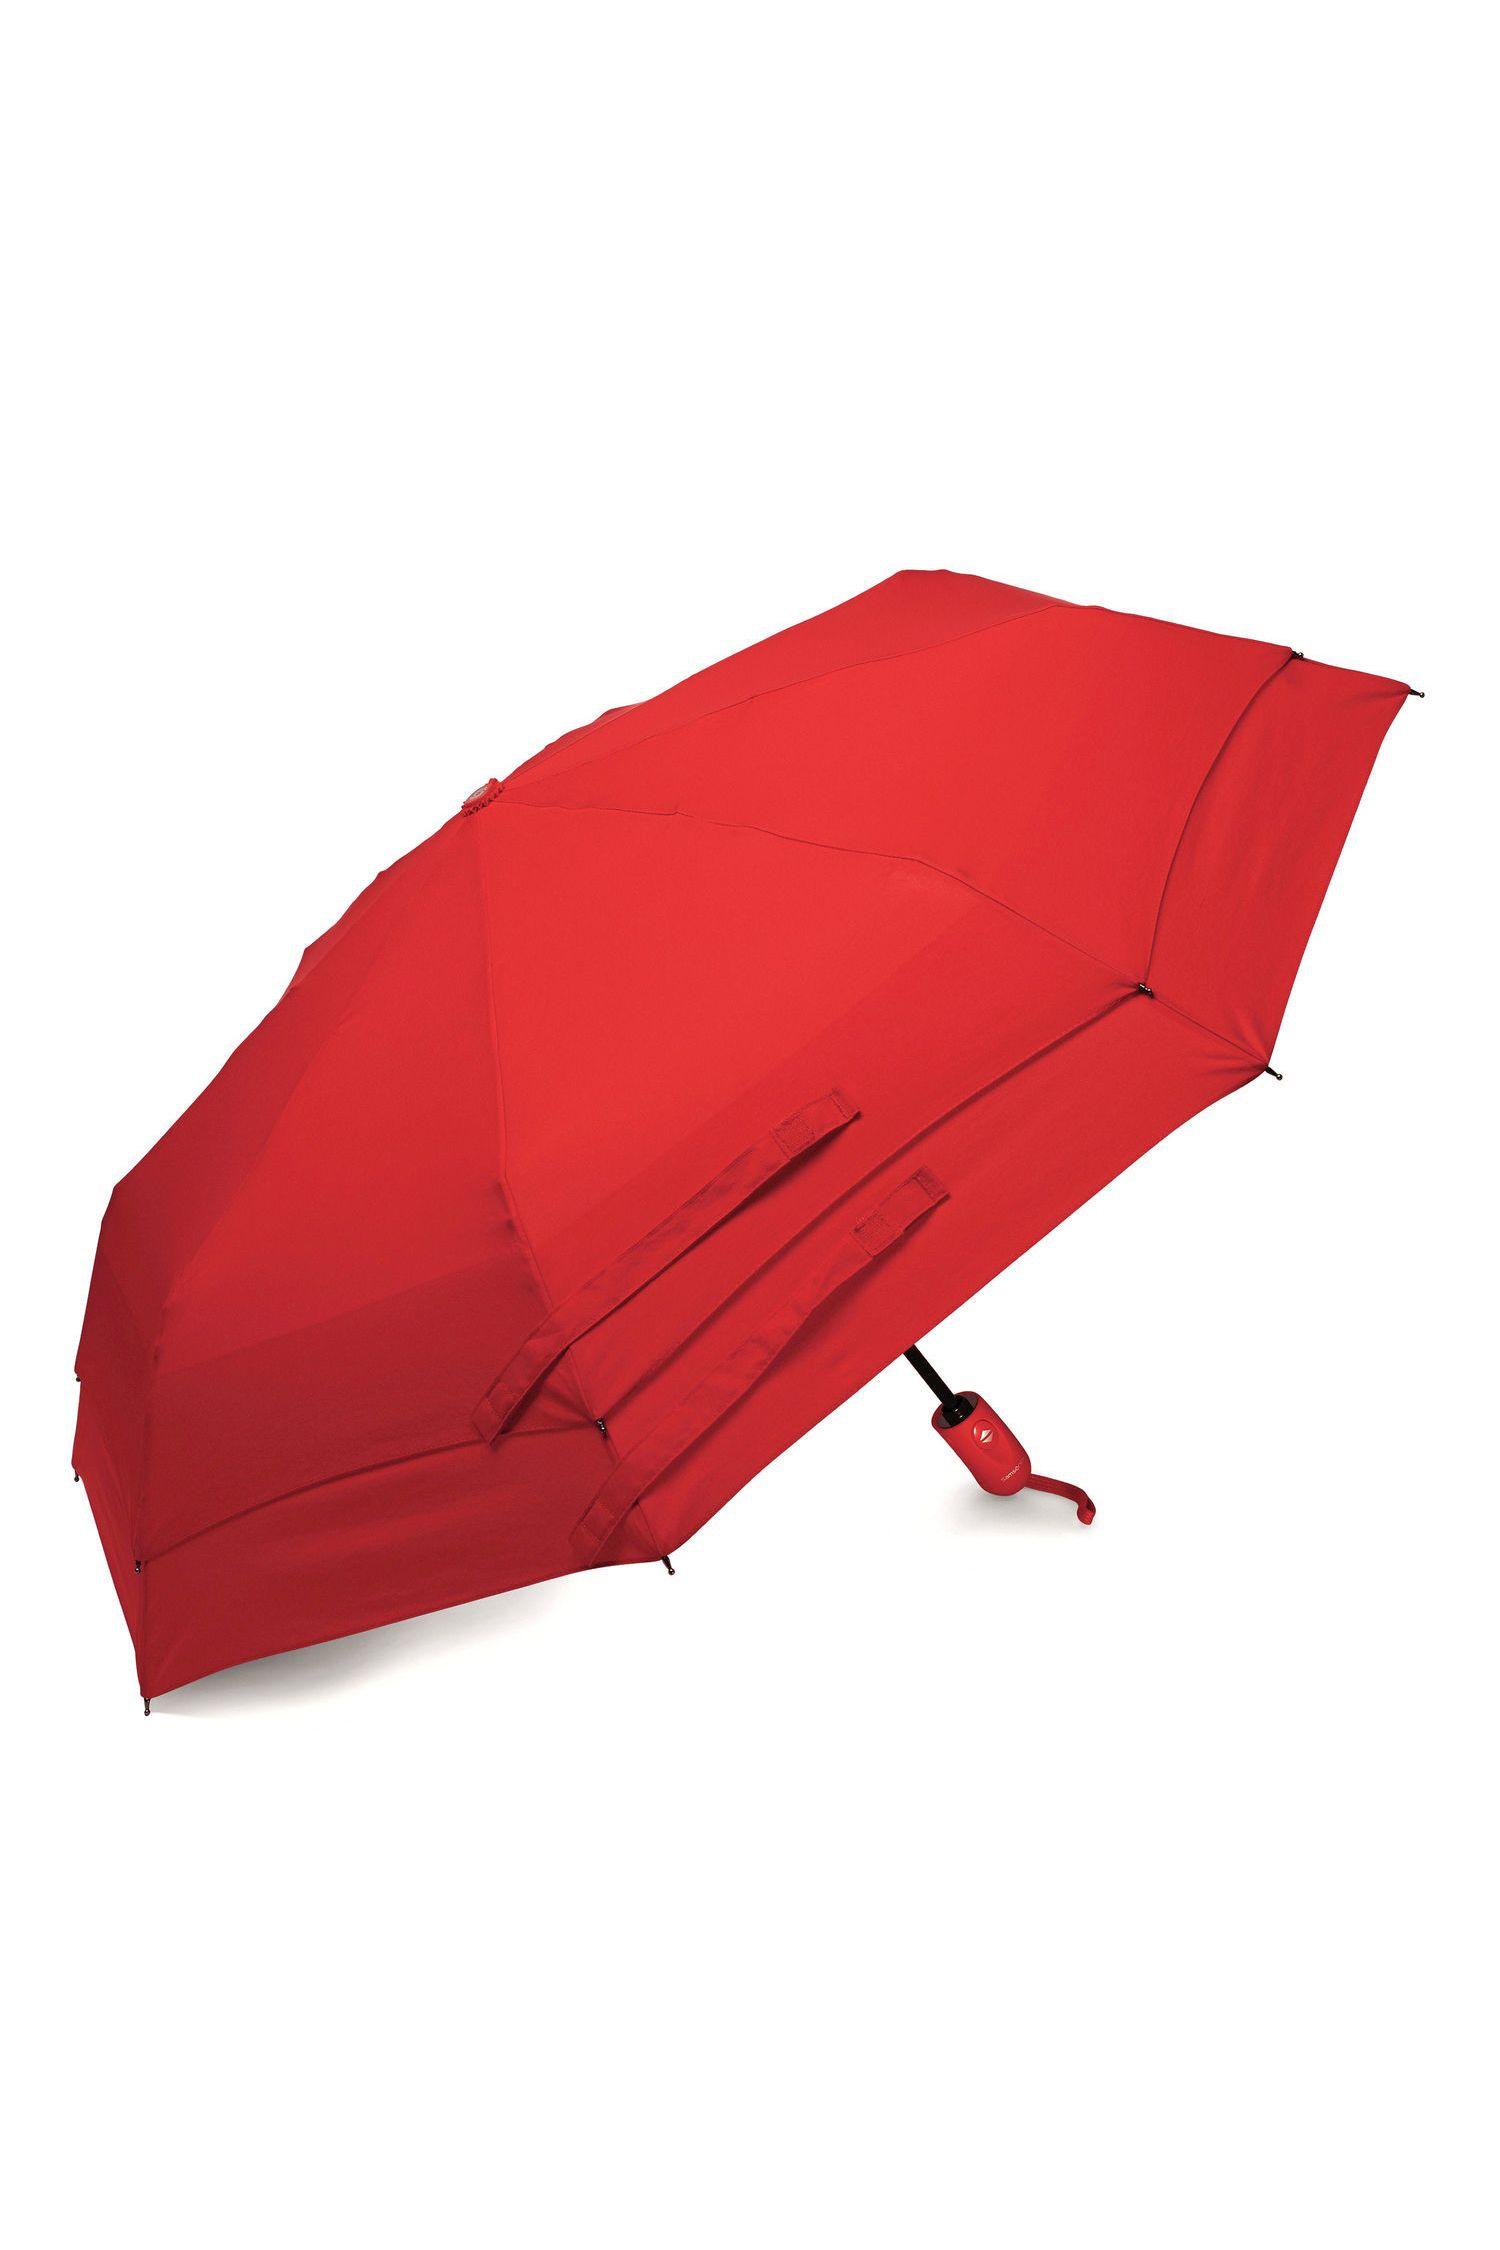 samsonite windguard auto open close compact umbrella